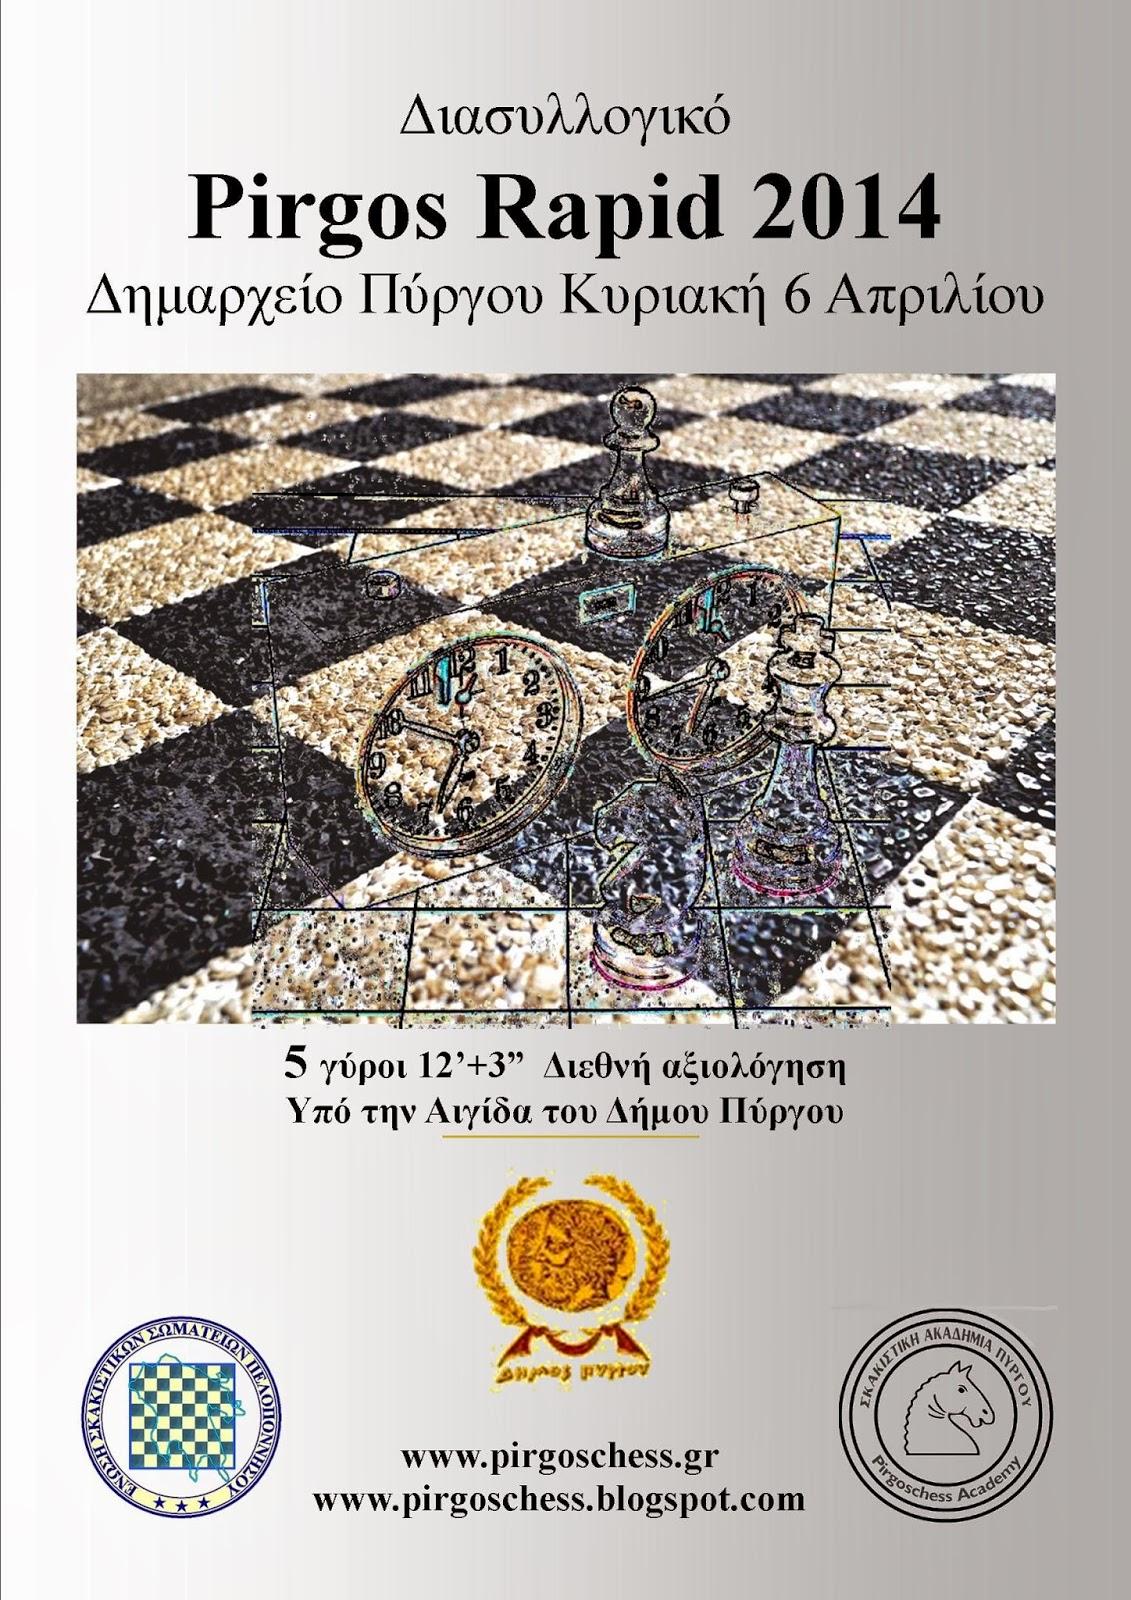 Pirgos Rapid 2014 Pirgoschess chess skaki Skakistiki akadimia pirgou